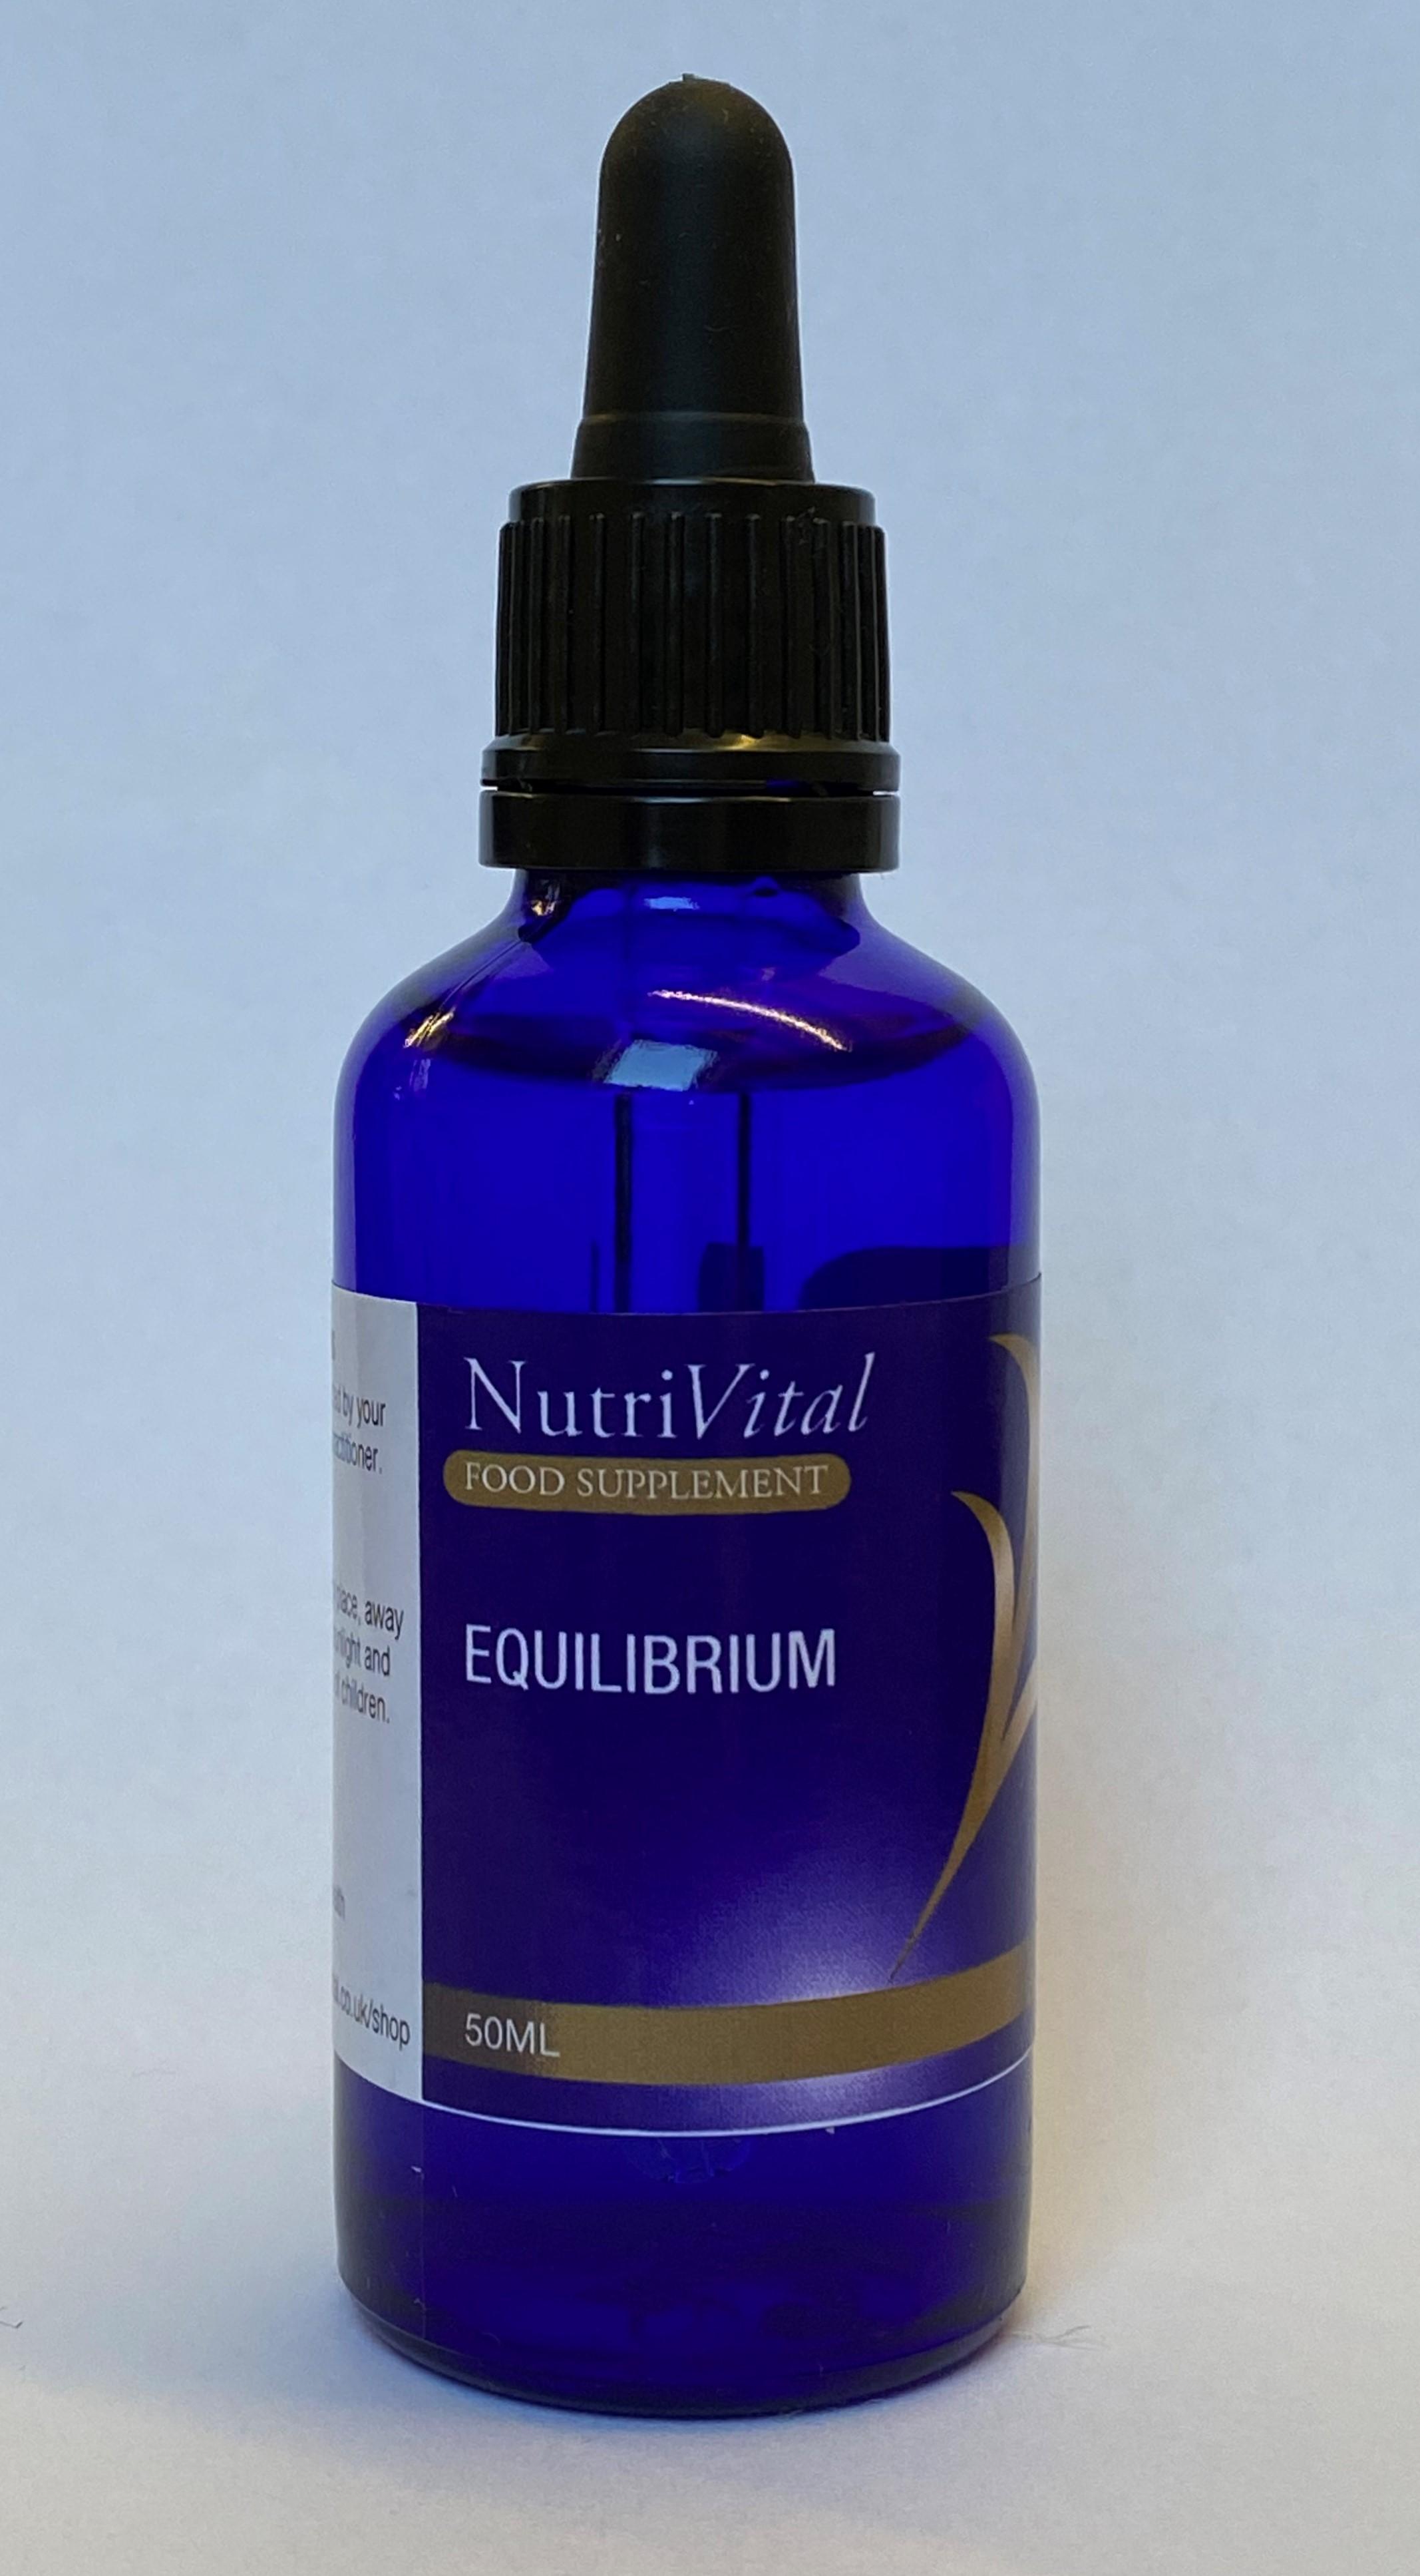 Equilibrium 50ml